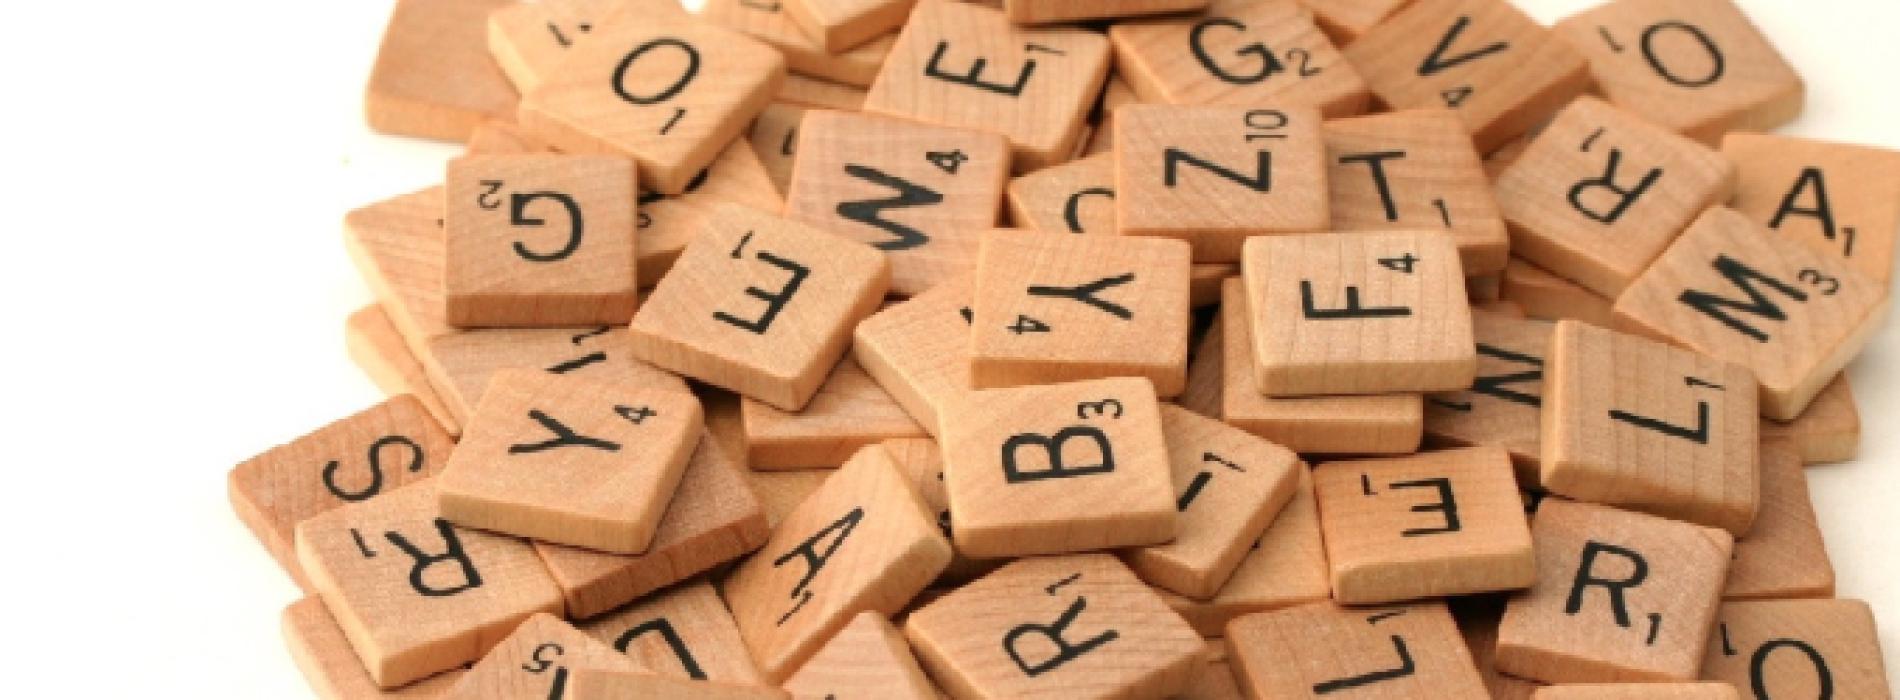 8 settembre, giornata internazionale alfabetizzazione